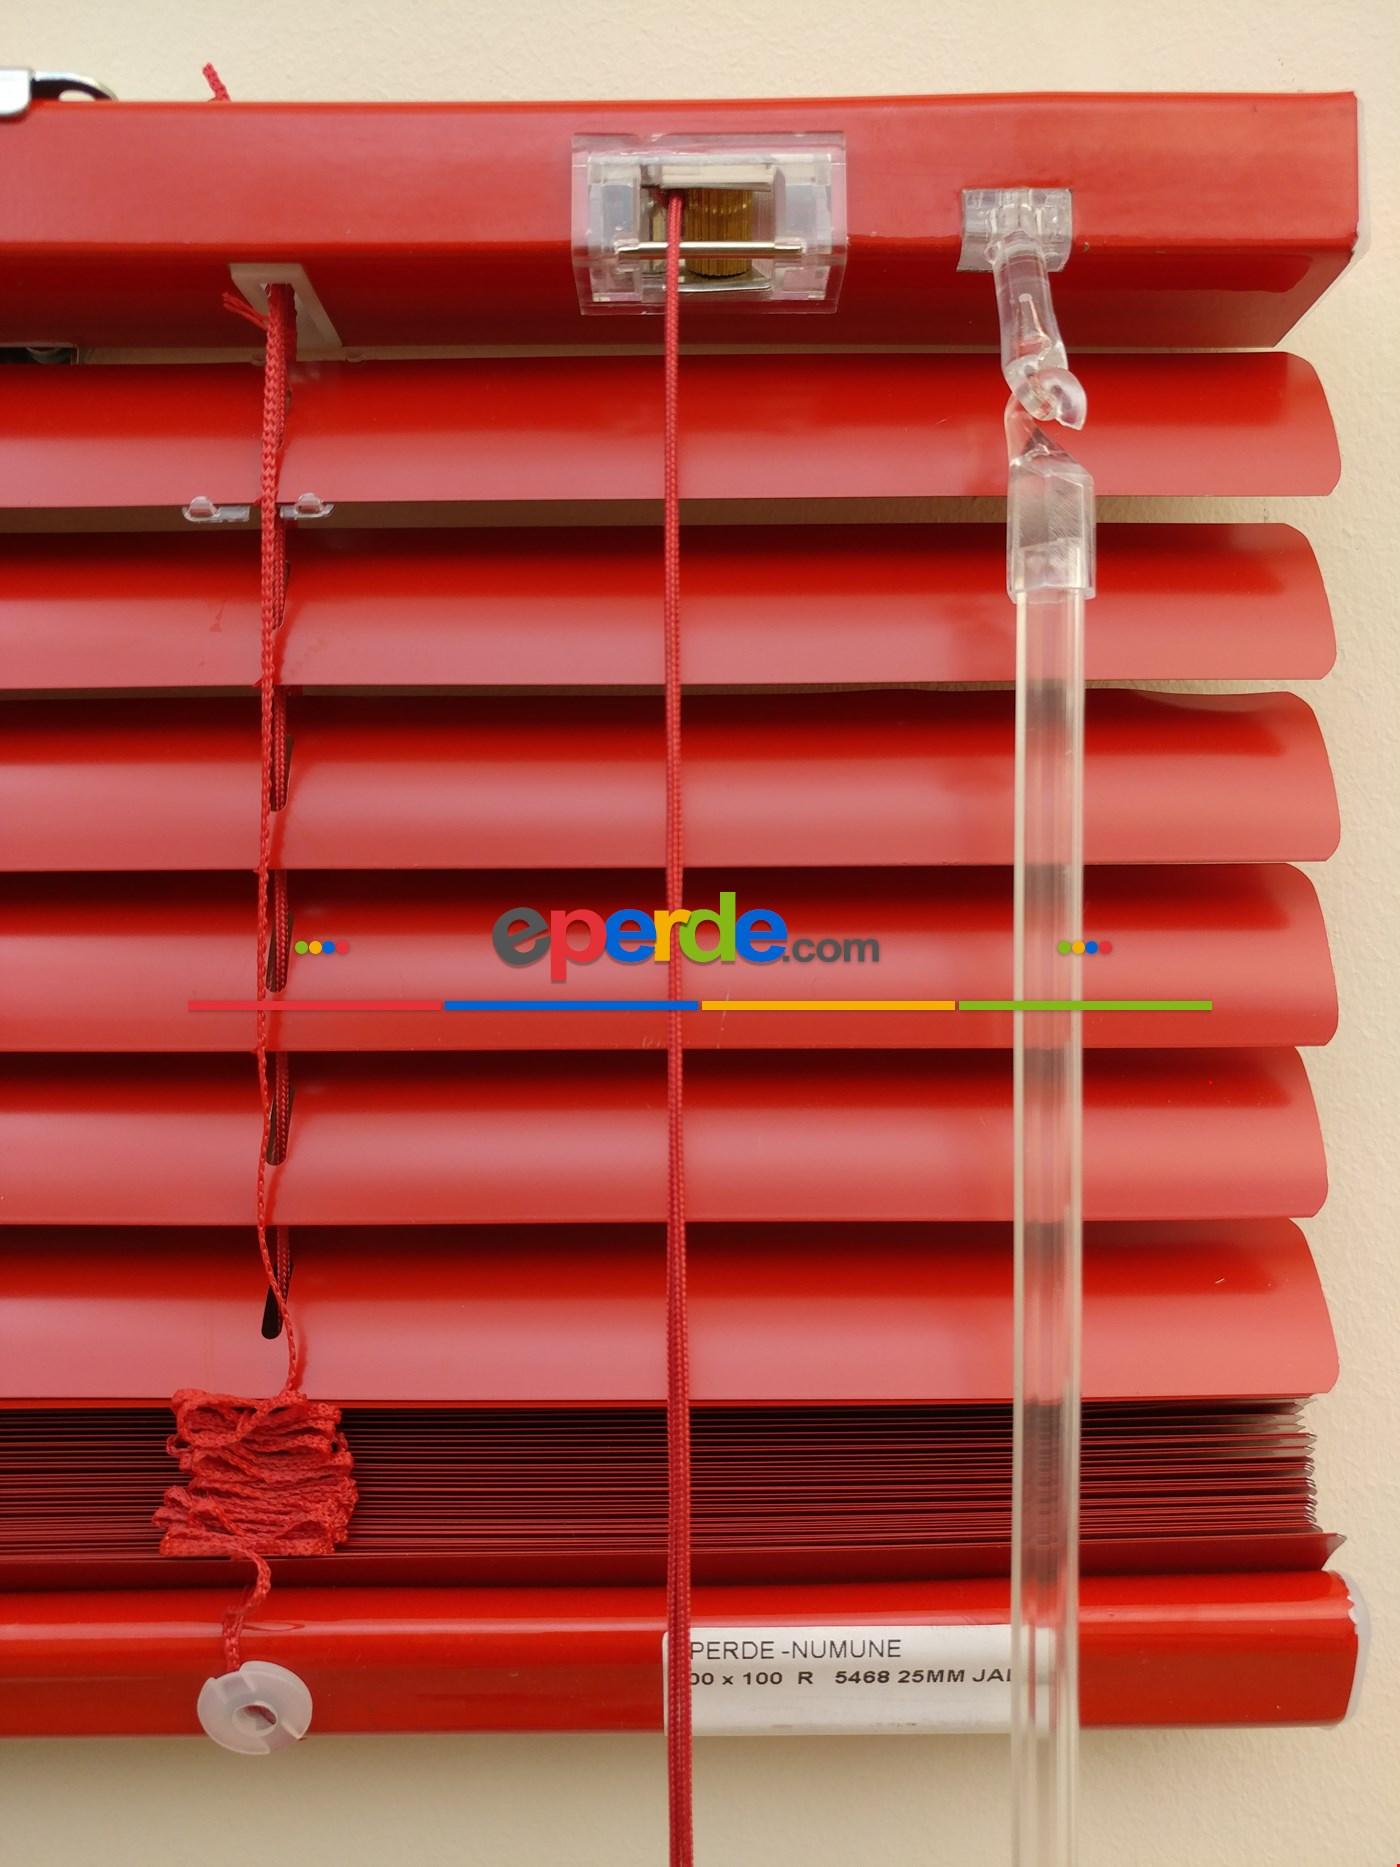 Kırmızı - Alüminyum Jaluzi Perde - 25mm Kalınlığında